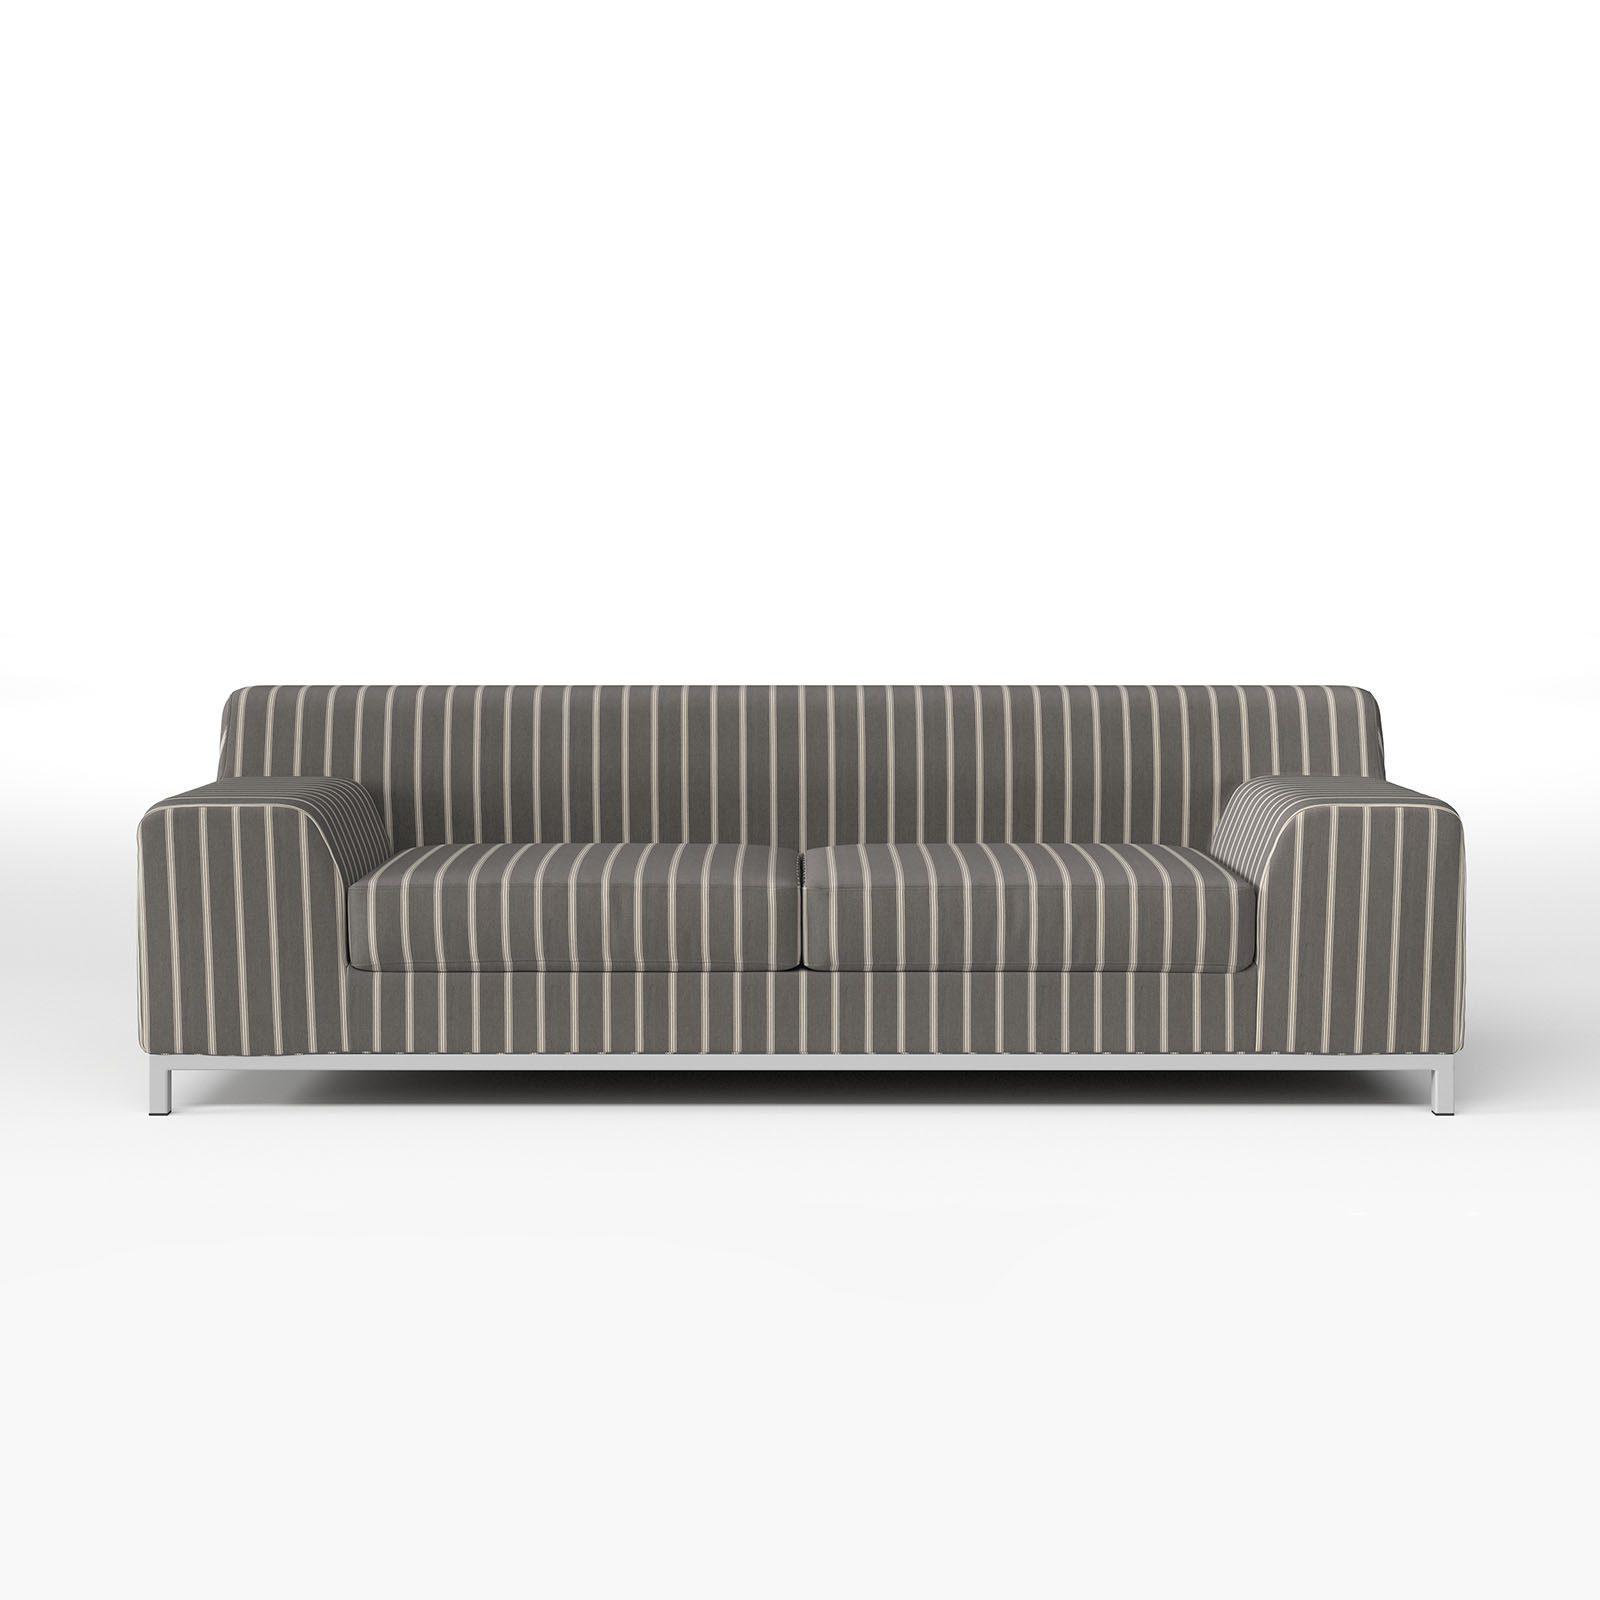 Hier findest du Bezüge für das eingestellte IKEA Kramfors Sofa